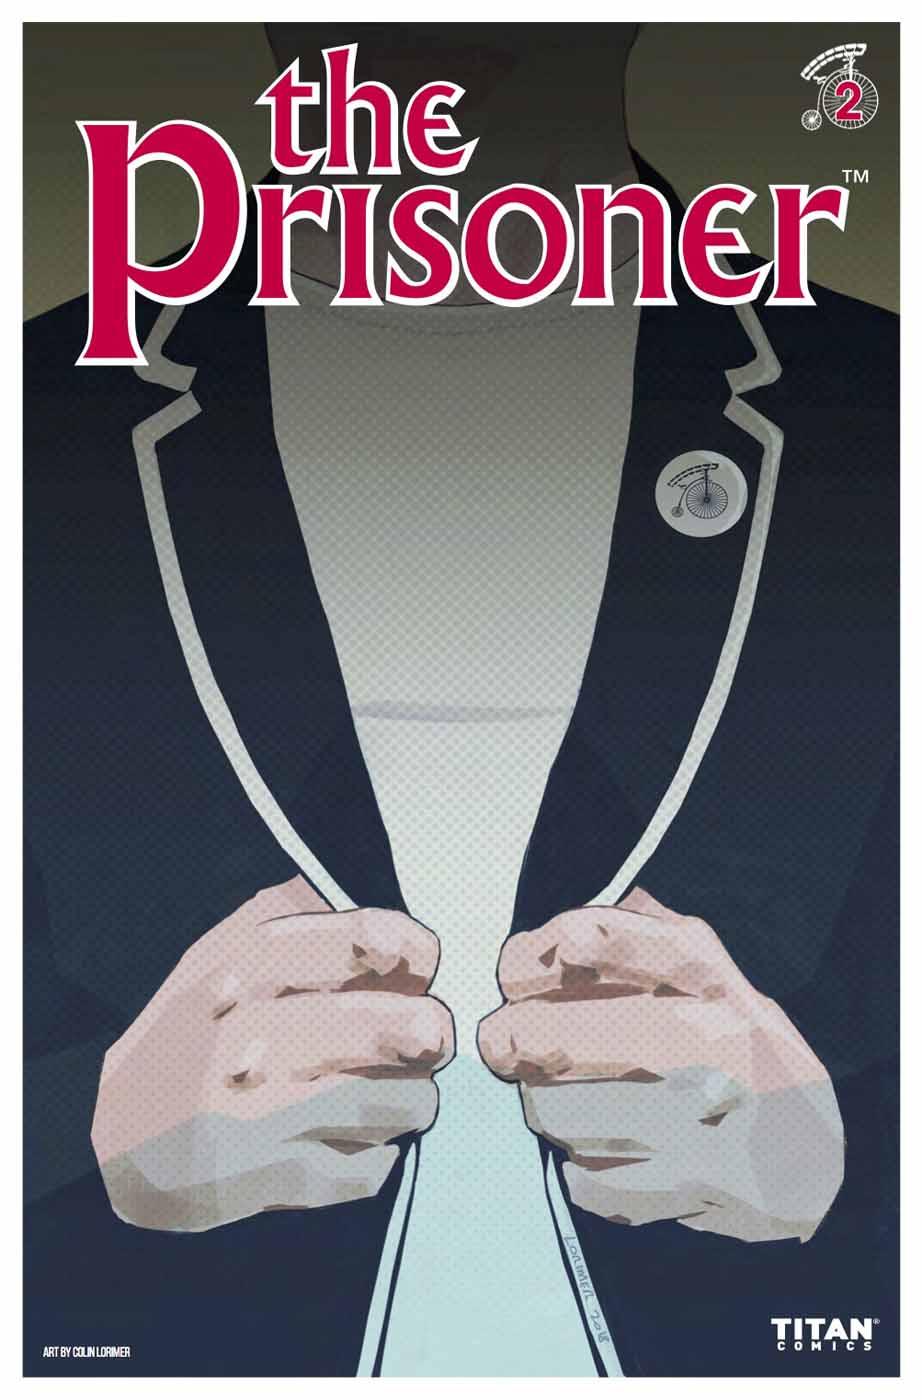 prisoner2a